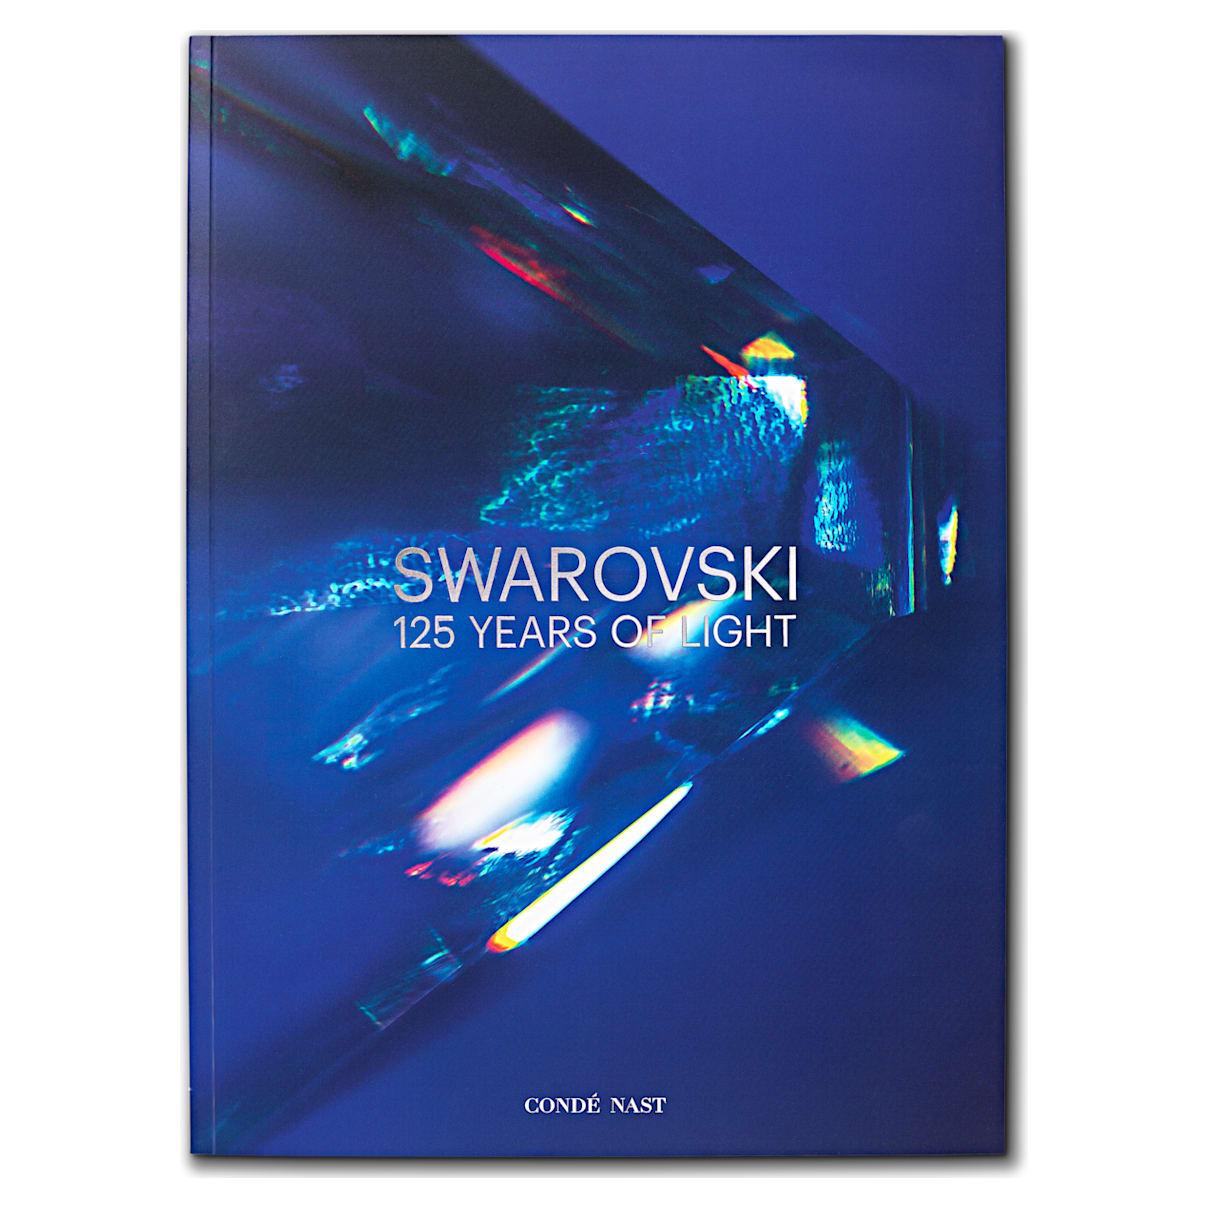 Swarovski 125 Years of Light, Libro dell'anniversario, Blu